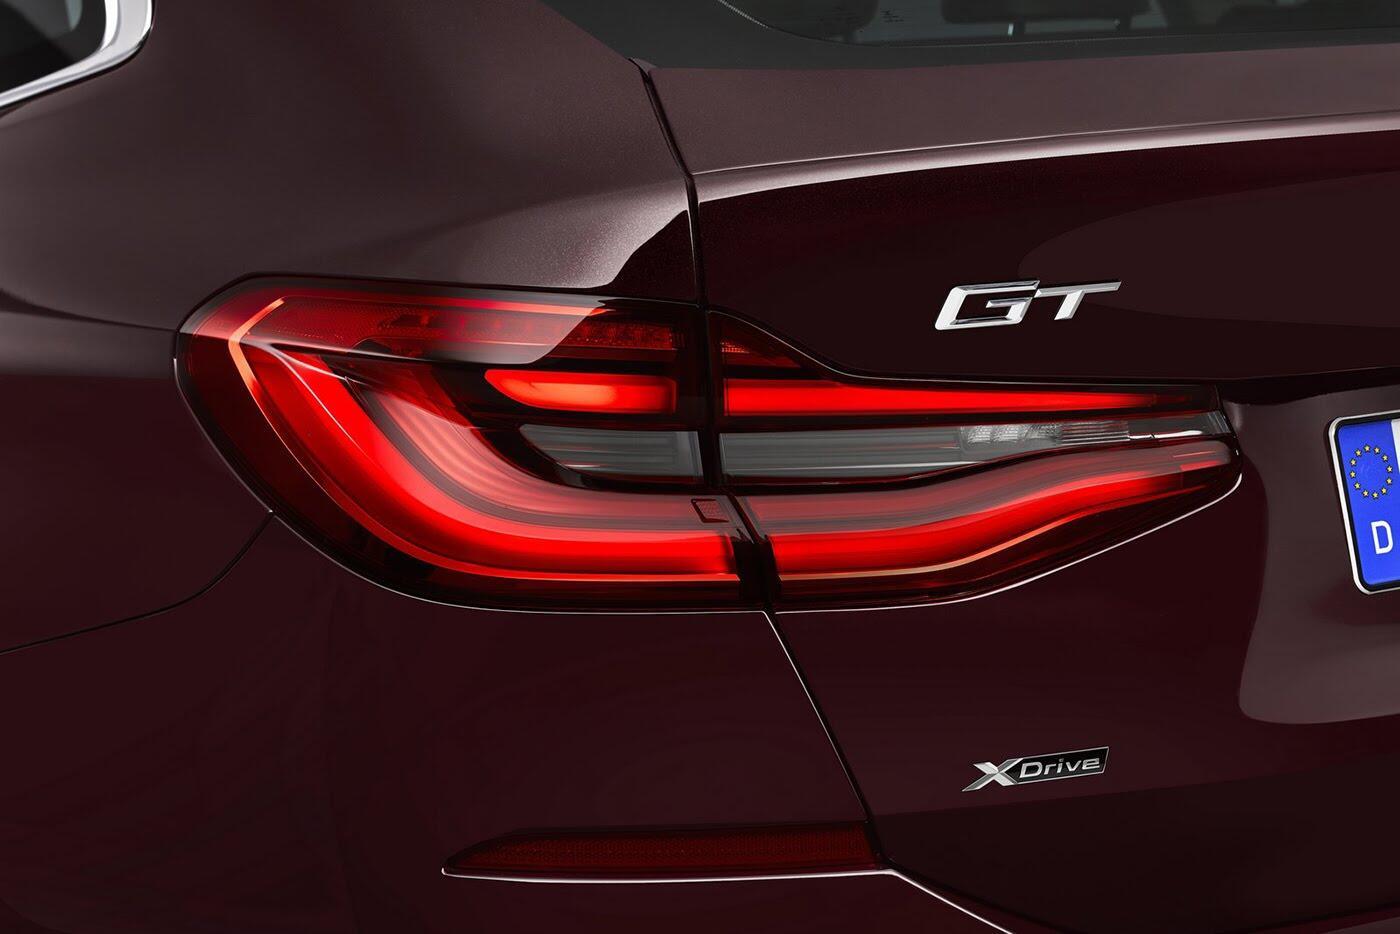 Xem thêm ảnh BMW 6-Series Gran Turismo 2018 - Hình 24